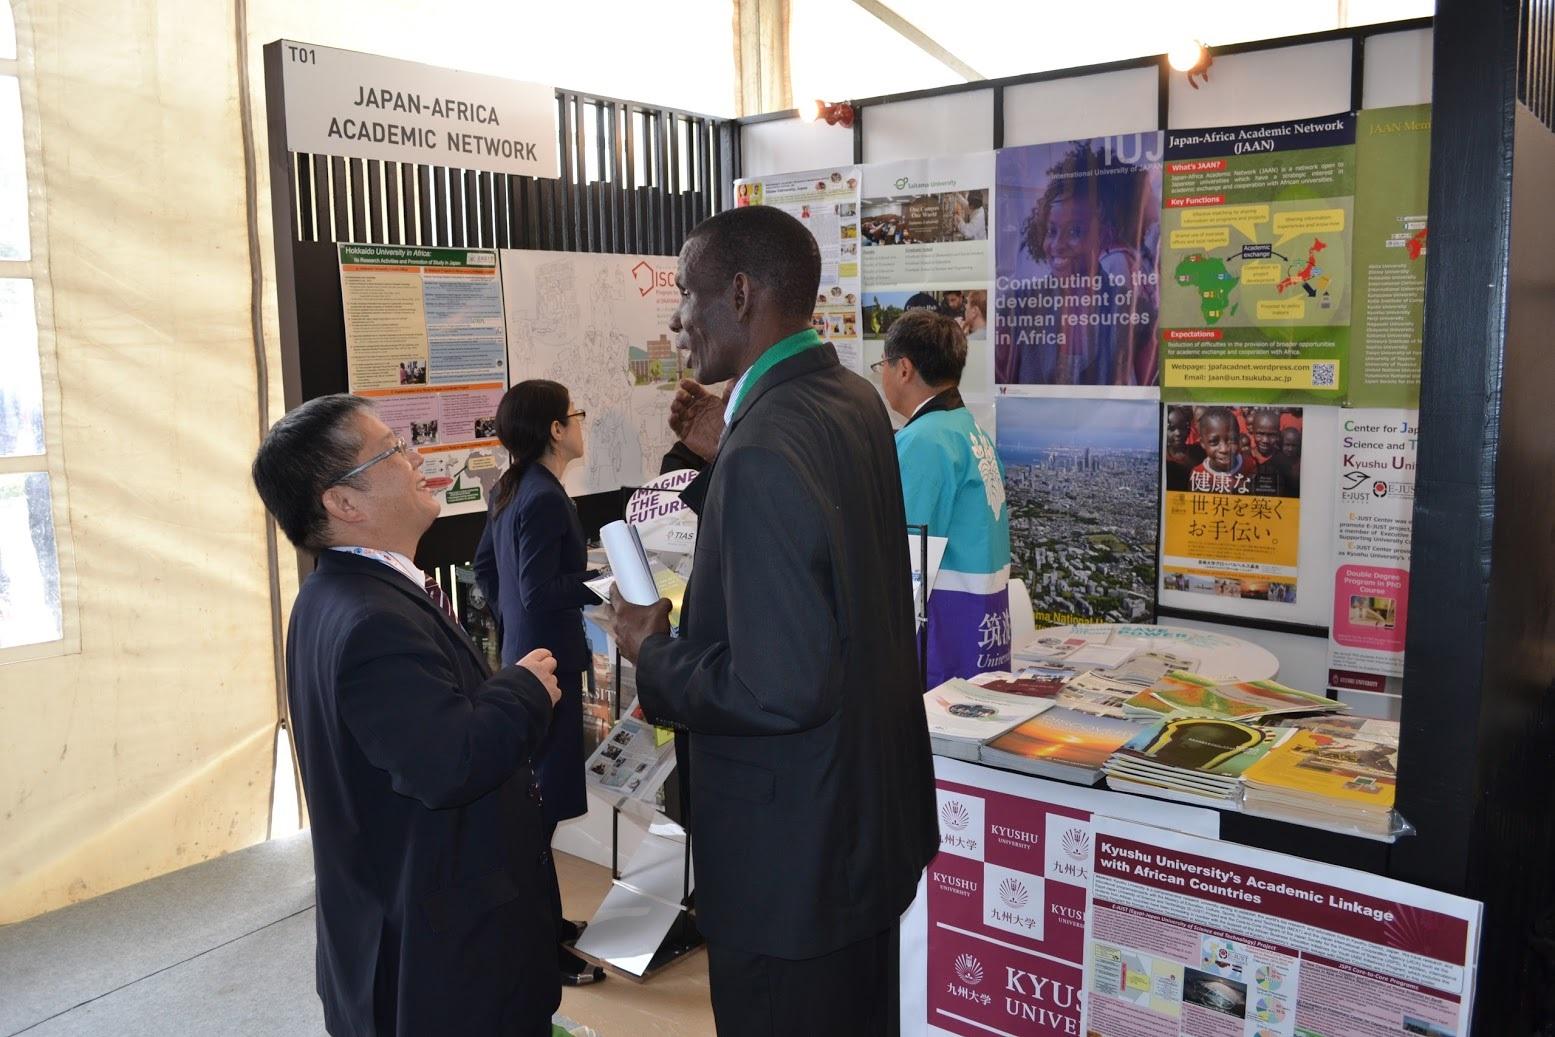 前回TICAD(TICAD6/ケニア・ナイロビで開催)本会議の様子